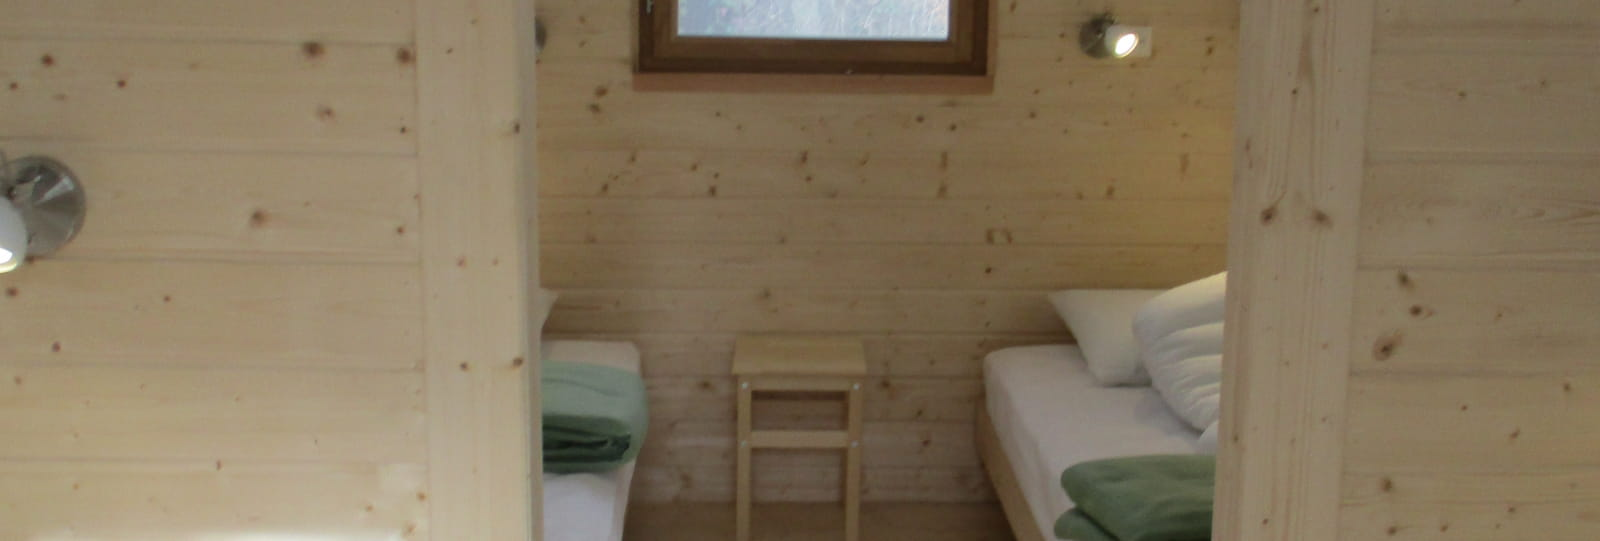 les huttes et salle Vercors domaine des Ayasses